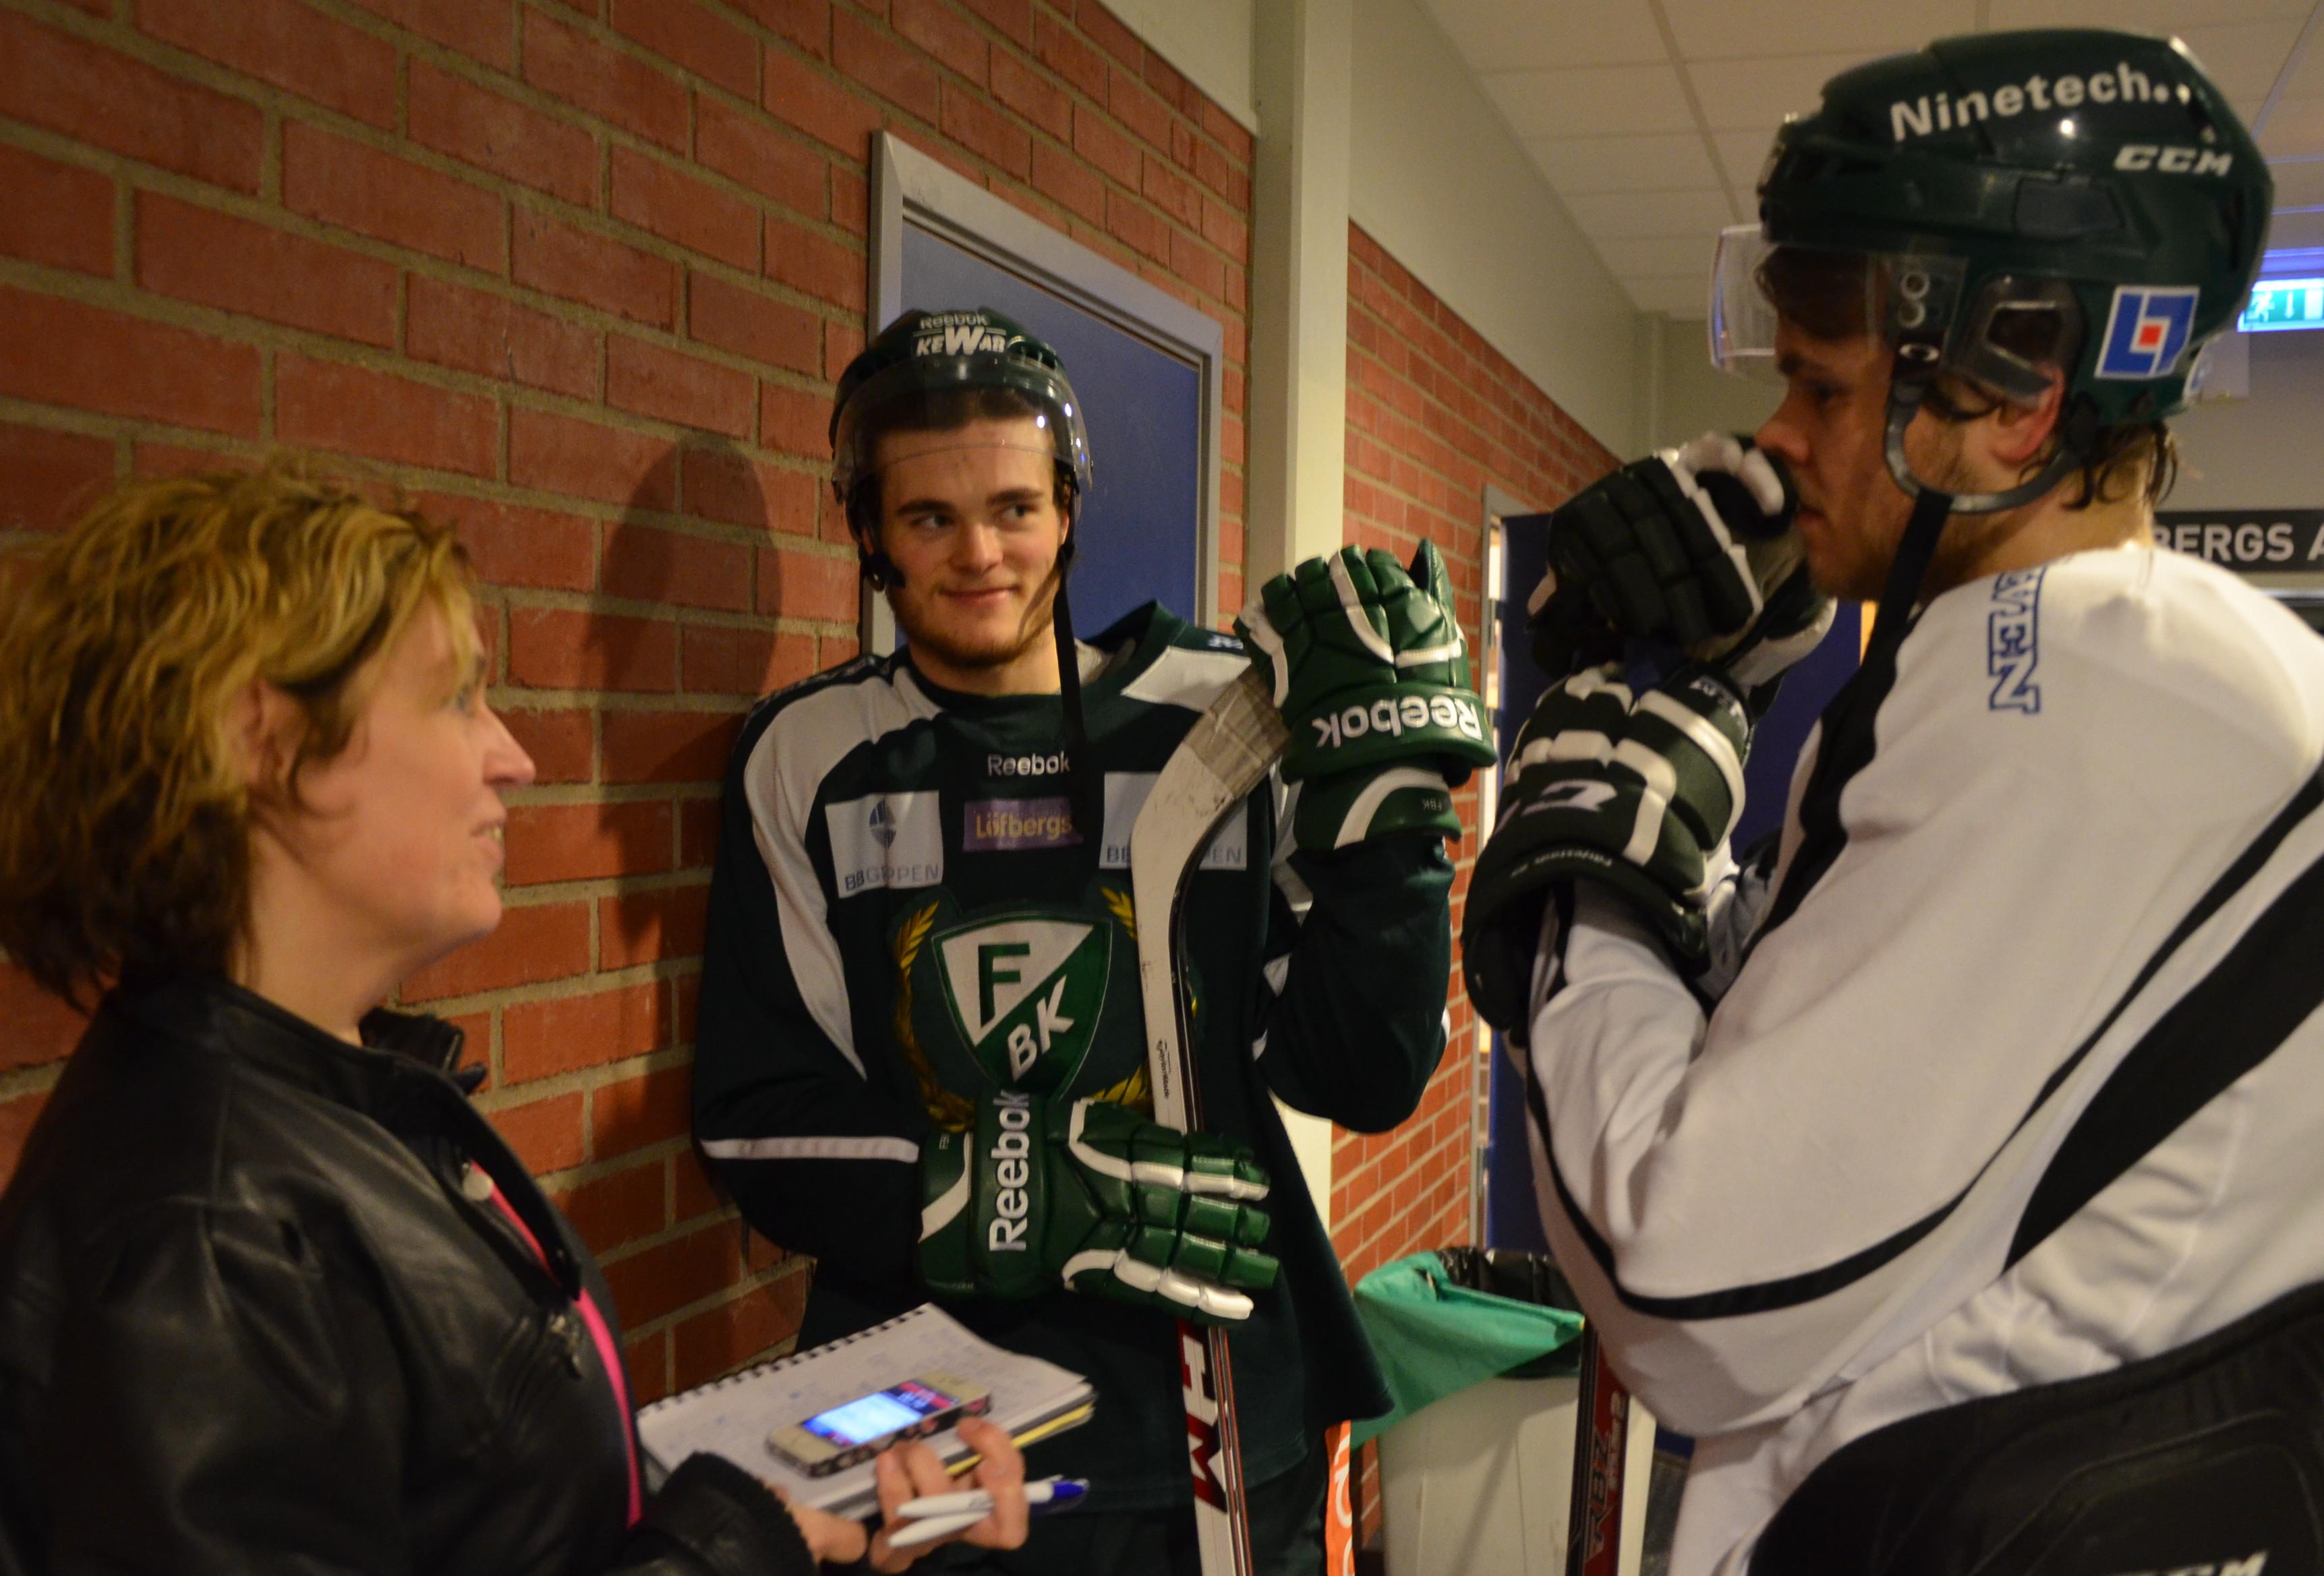 Ludwig Byström och Pontus Åberg var två av spelarna som ni hade frågor till. Foto: Joakim Angle/fbkbloggen